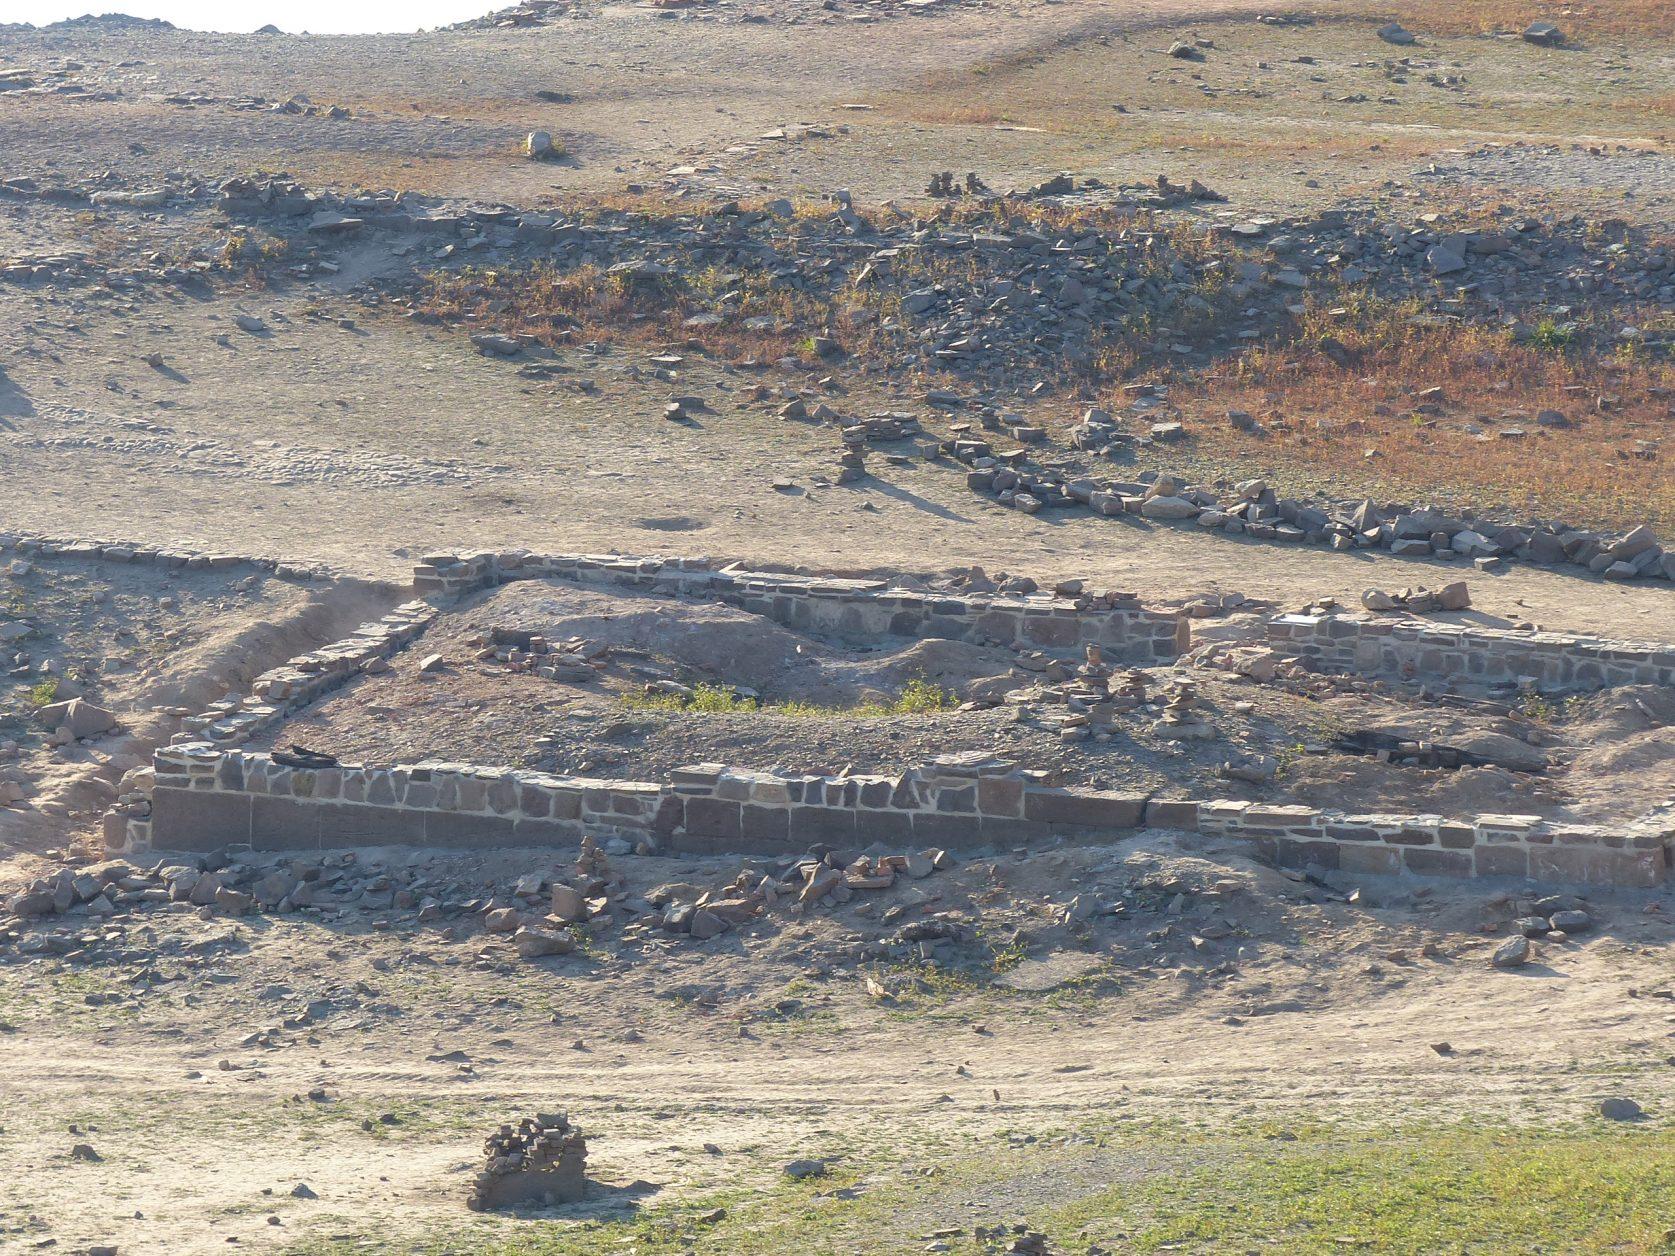 Reste der Dorfstelle Berich, wie der Knüppelhof, werden von Freizeitarchäologen gesichert, Foto. Weirauch